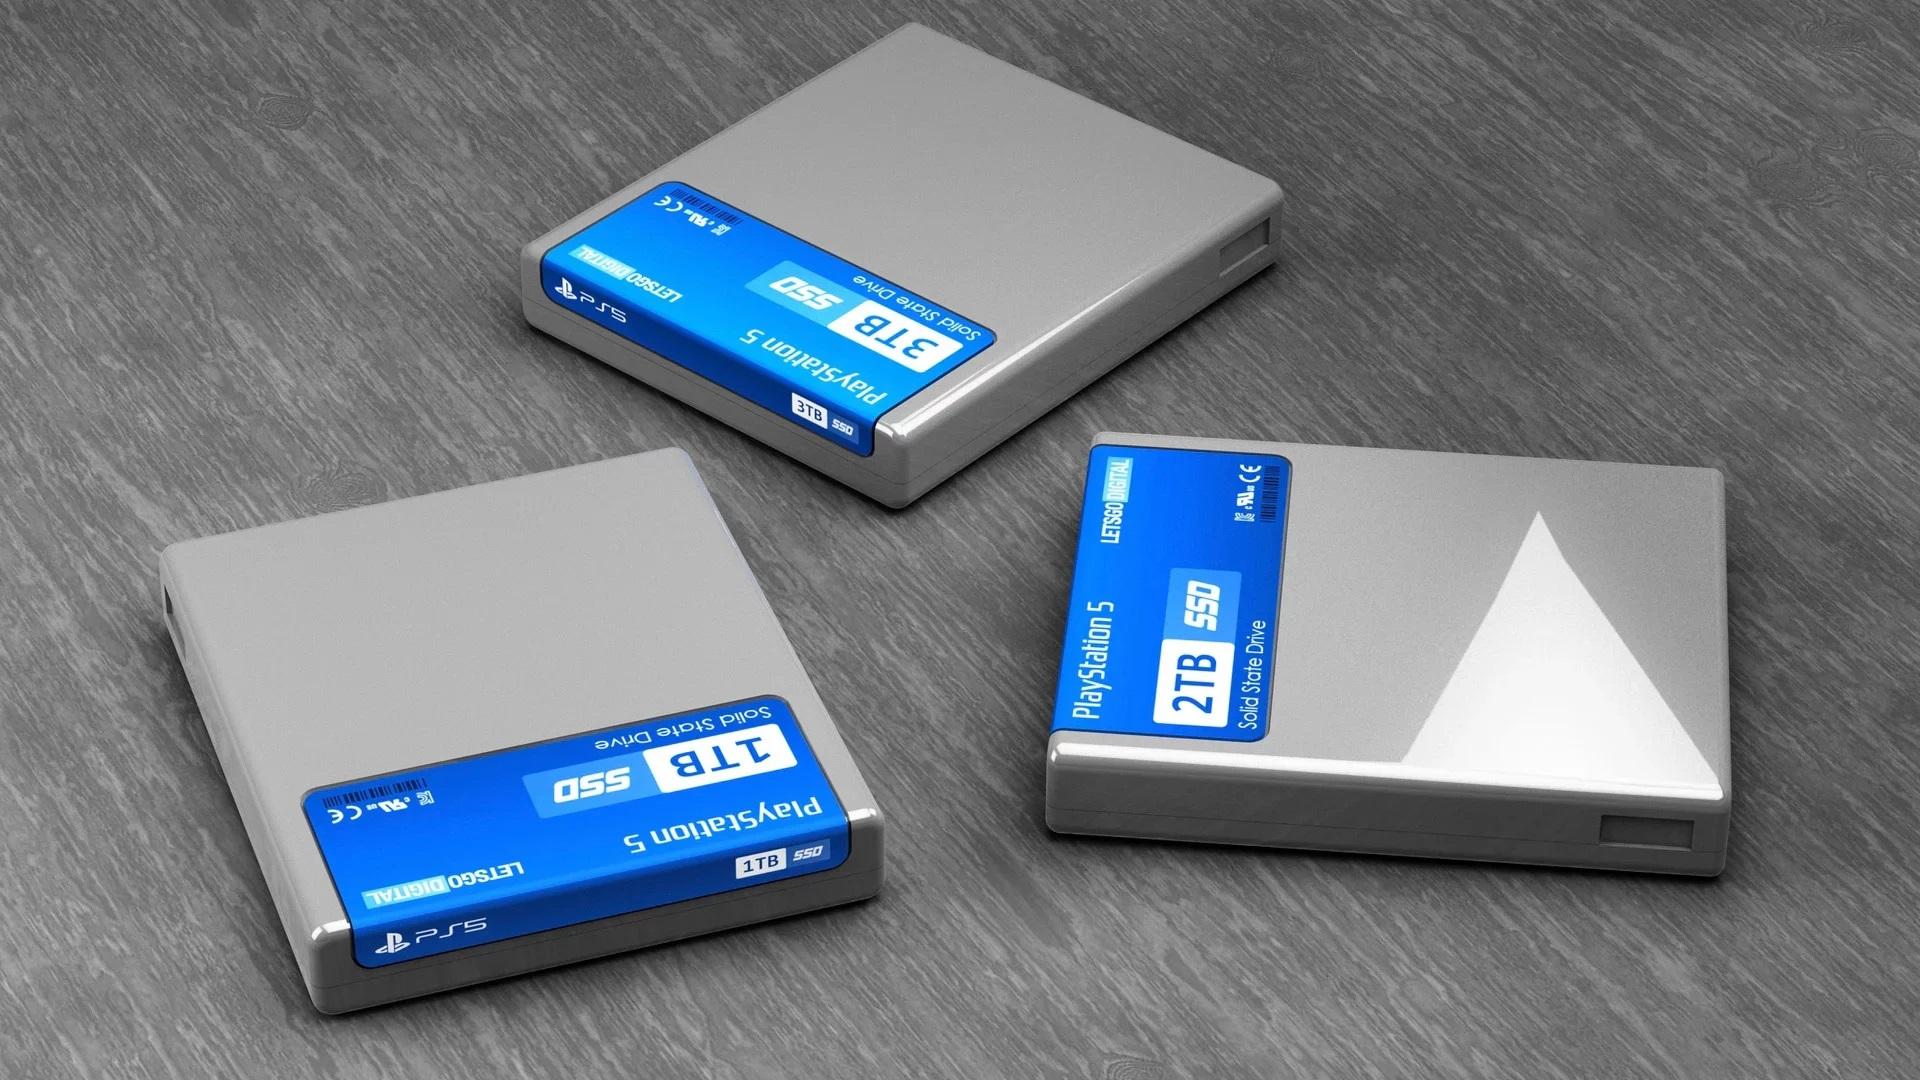 PS5 SSD : perché è meglio dell'HDD? – 4News